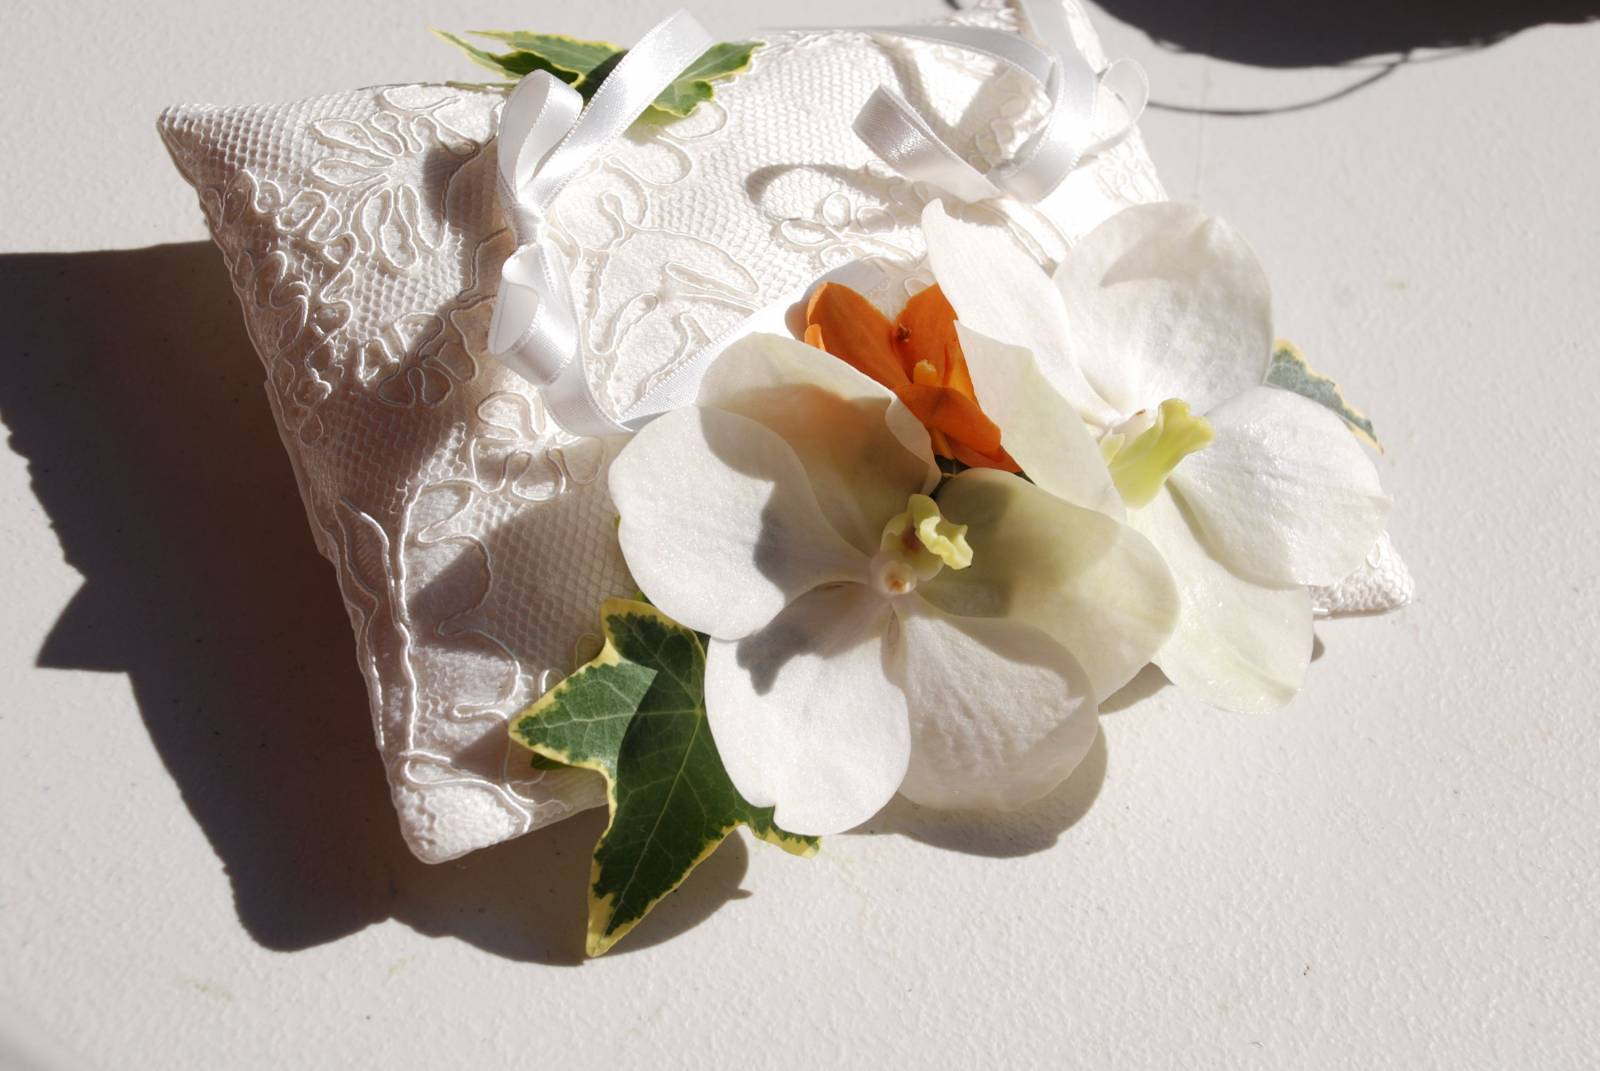 Floral Artists - Bloemen huwelijk trouw bruiloft - Bruidsboeket - Bloemendecoratie - House of Weddings - 4